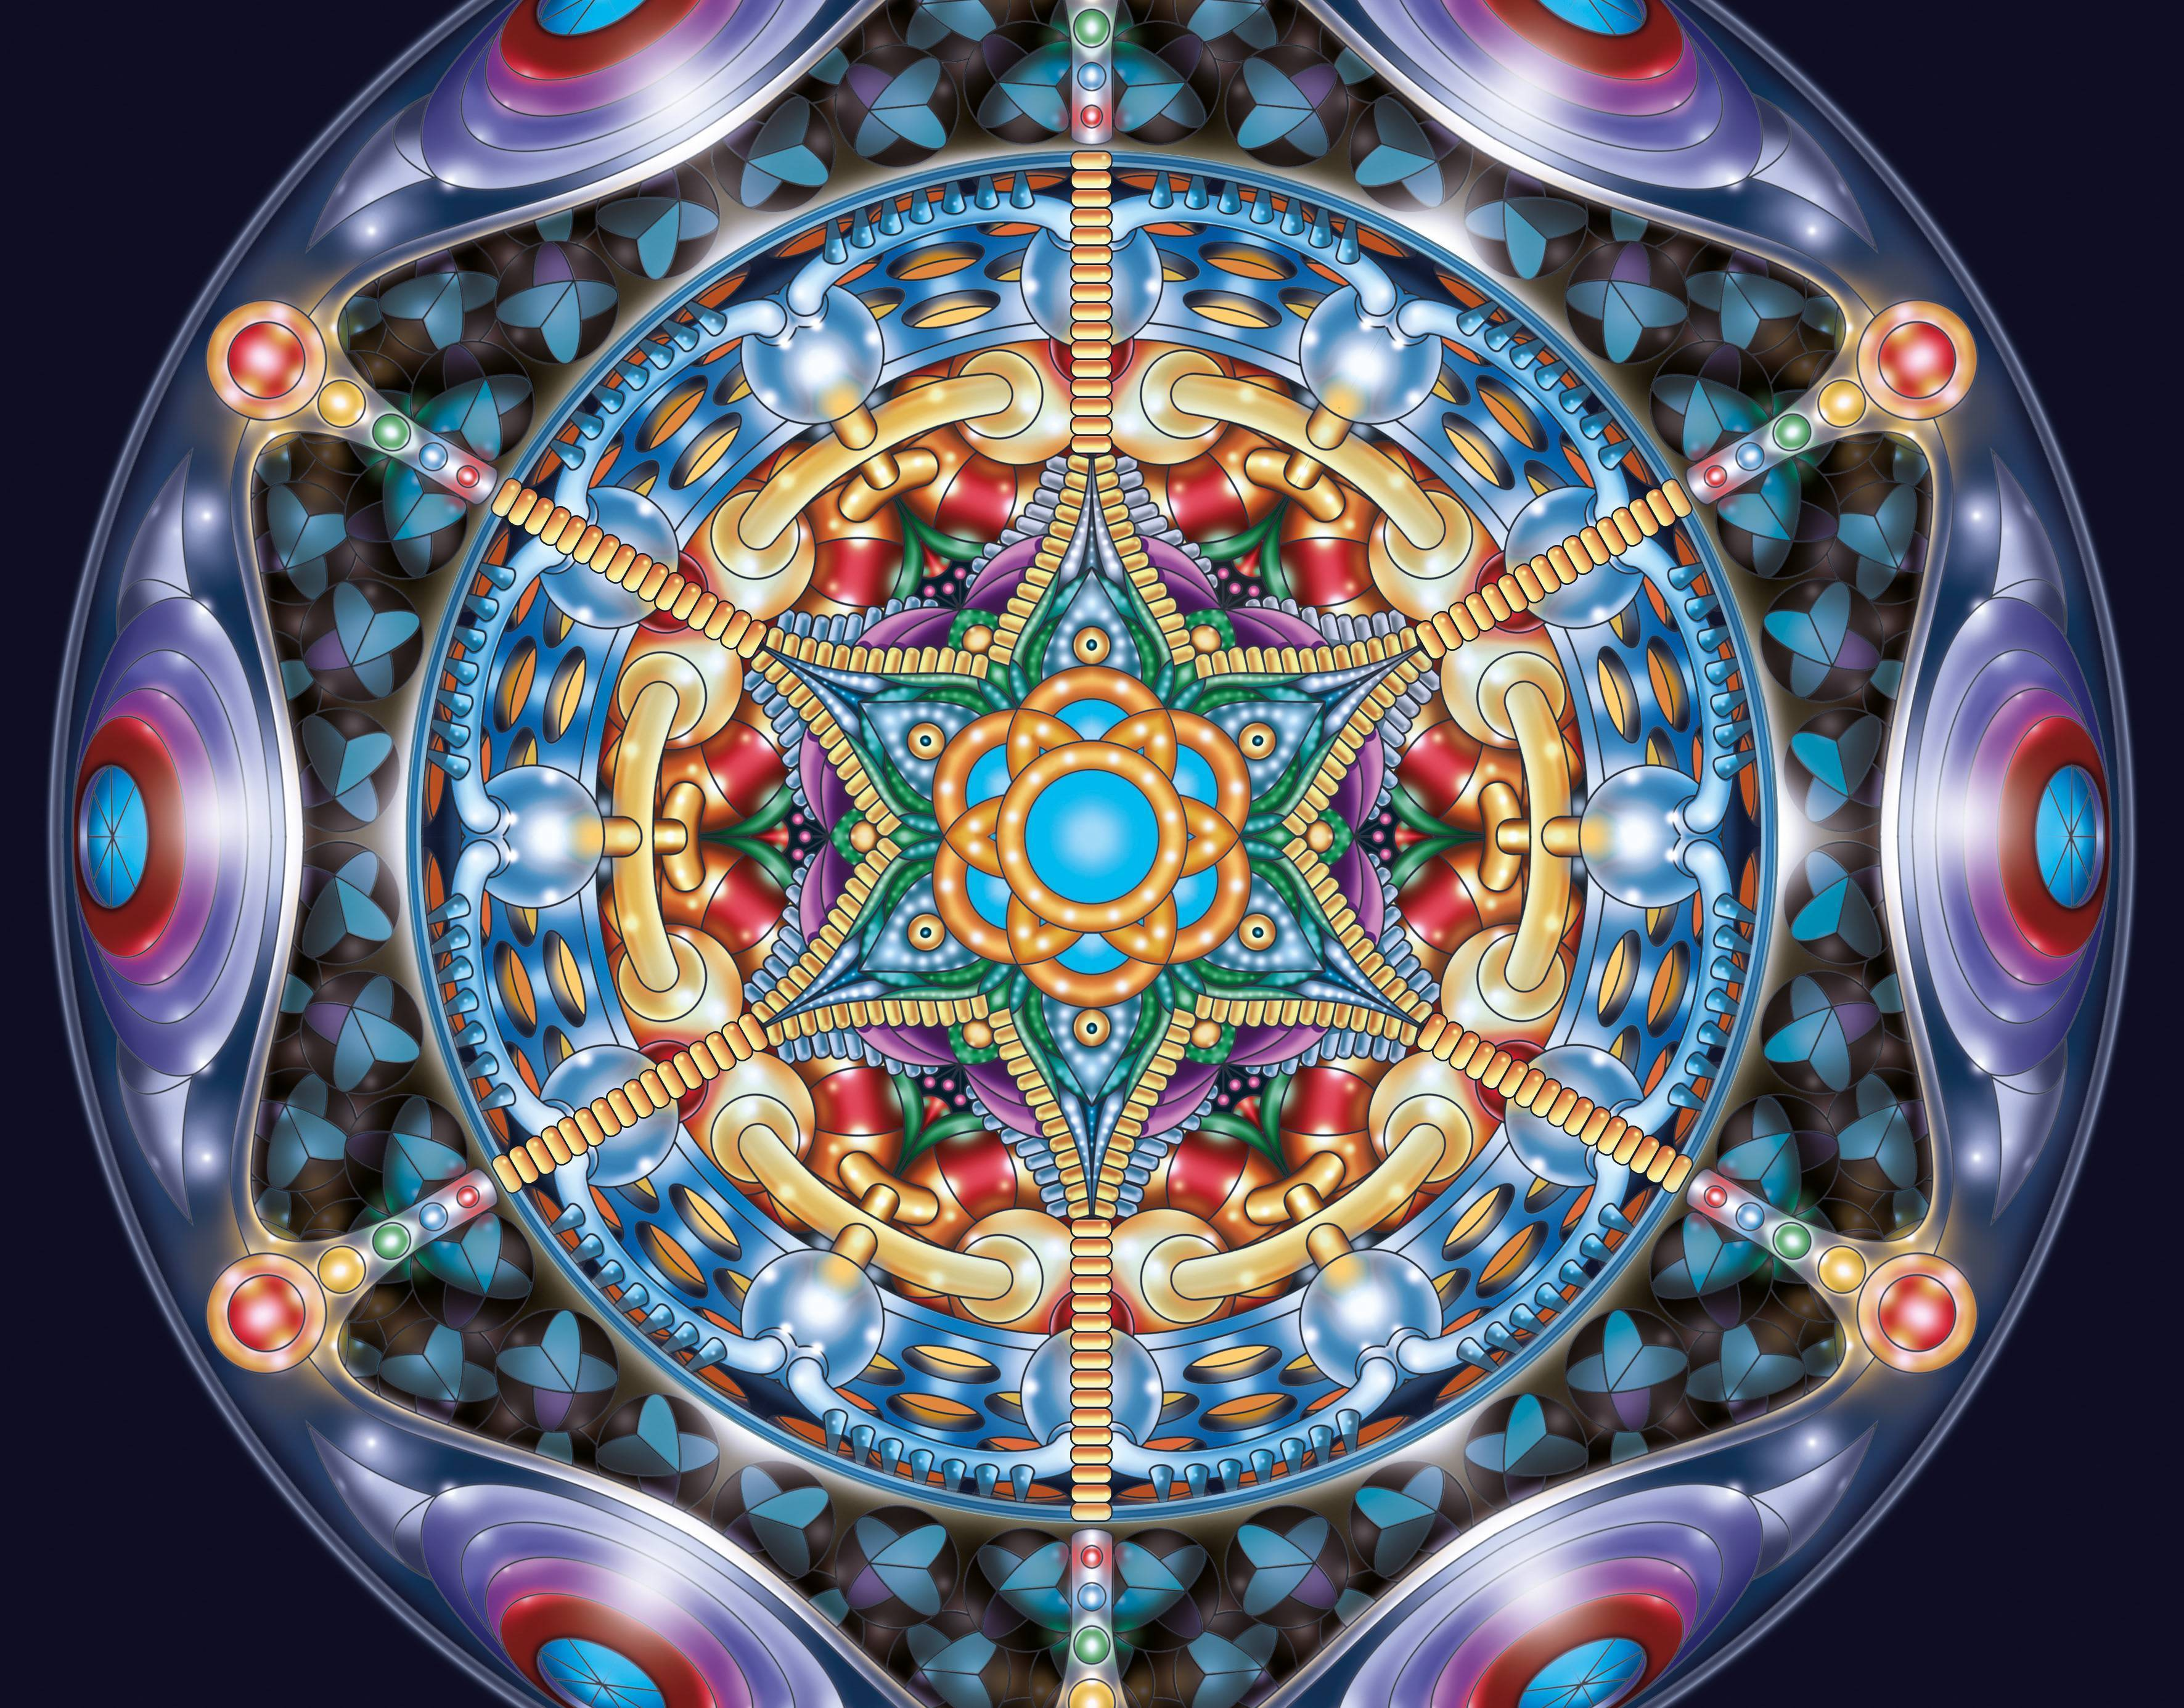 Как привлечь деньги и удачу: молитвы, талисманы, мантры и приметы